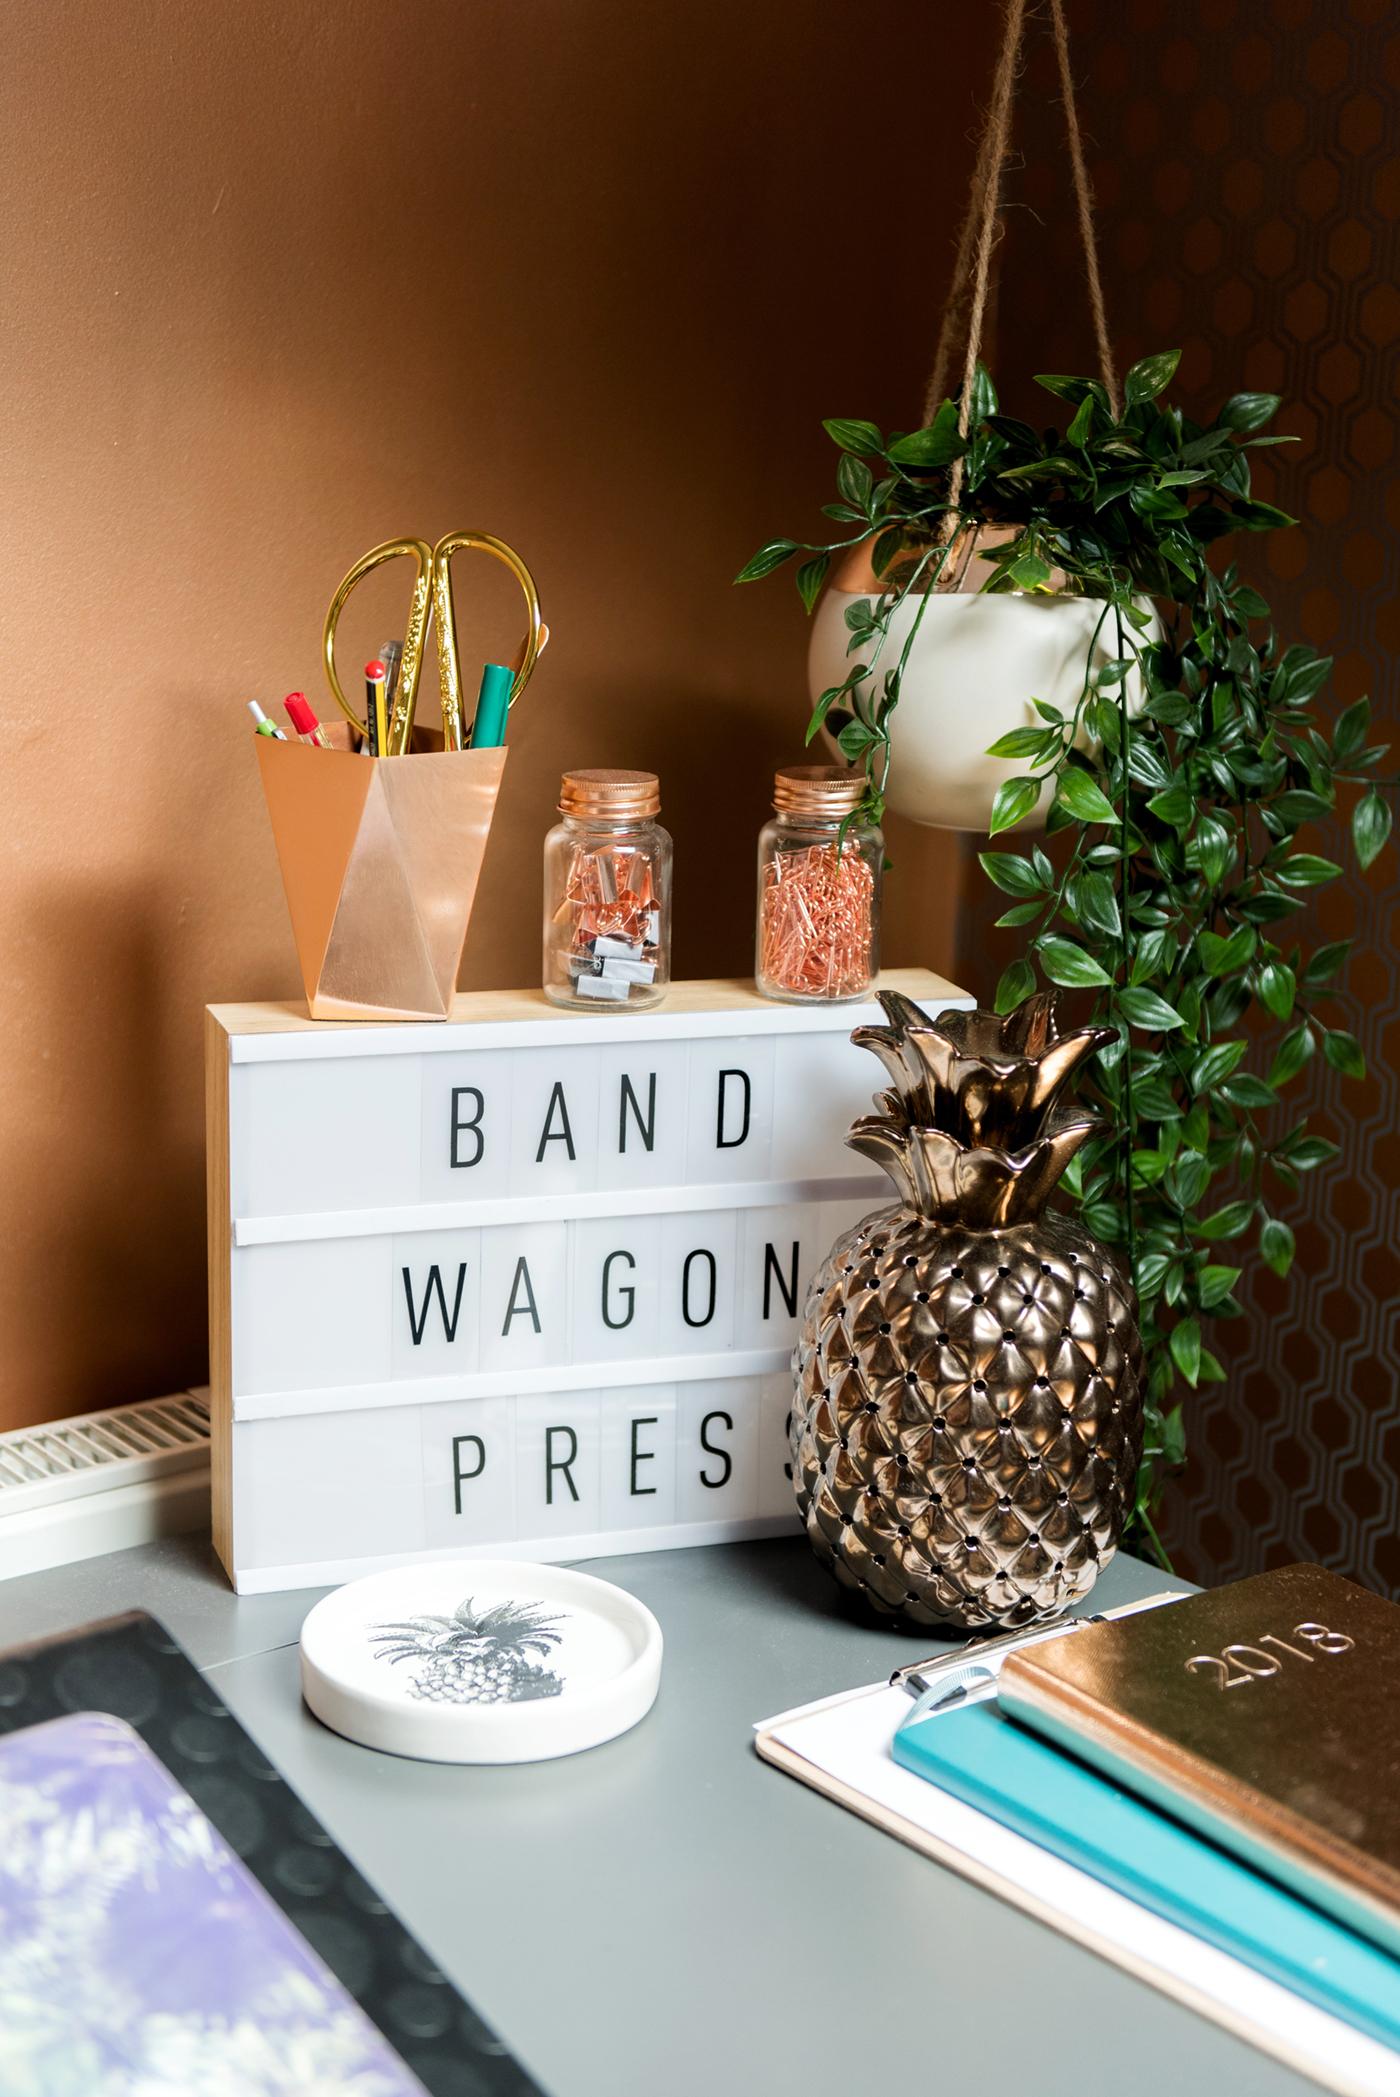 Bandwagon Press